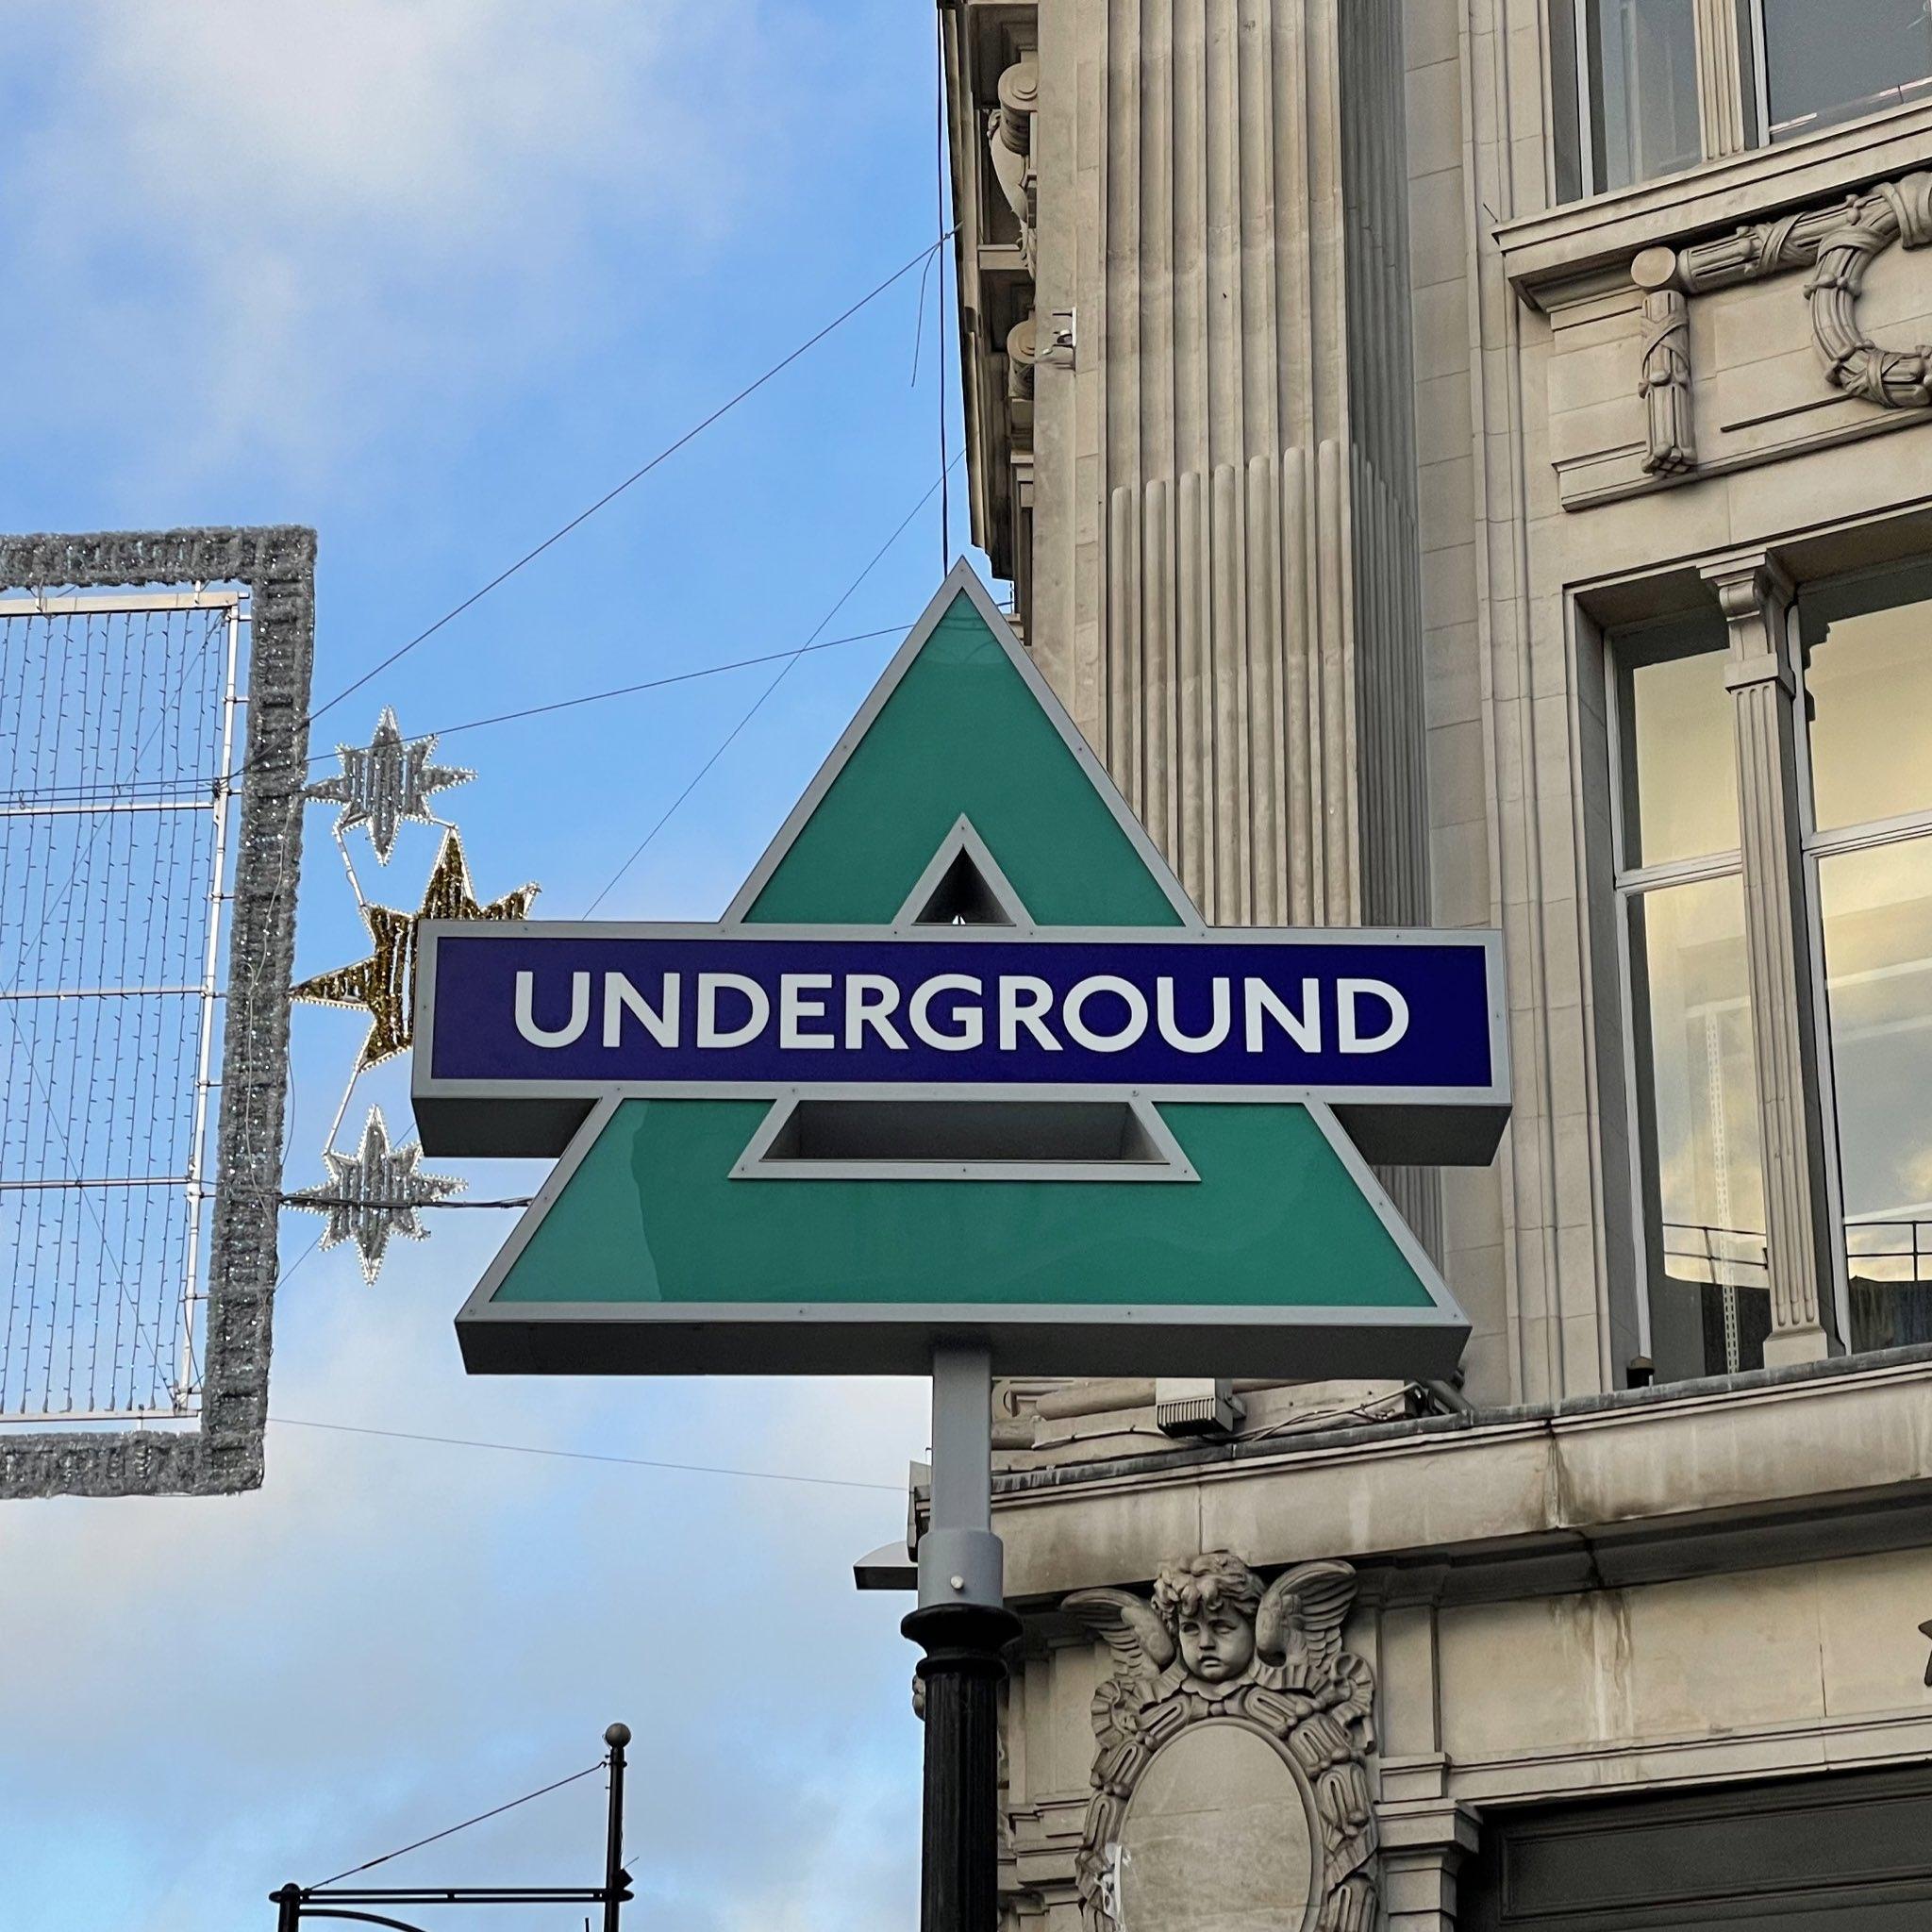 PlayStation в Лондоне оформила указатели входа в метро Oxford Circus в стиле кнопок управления геймпада